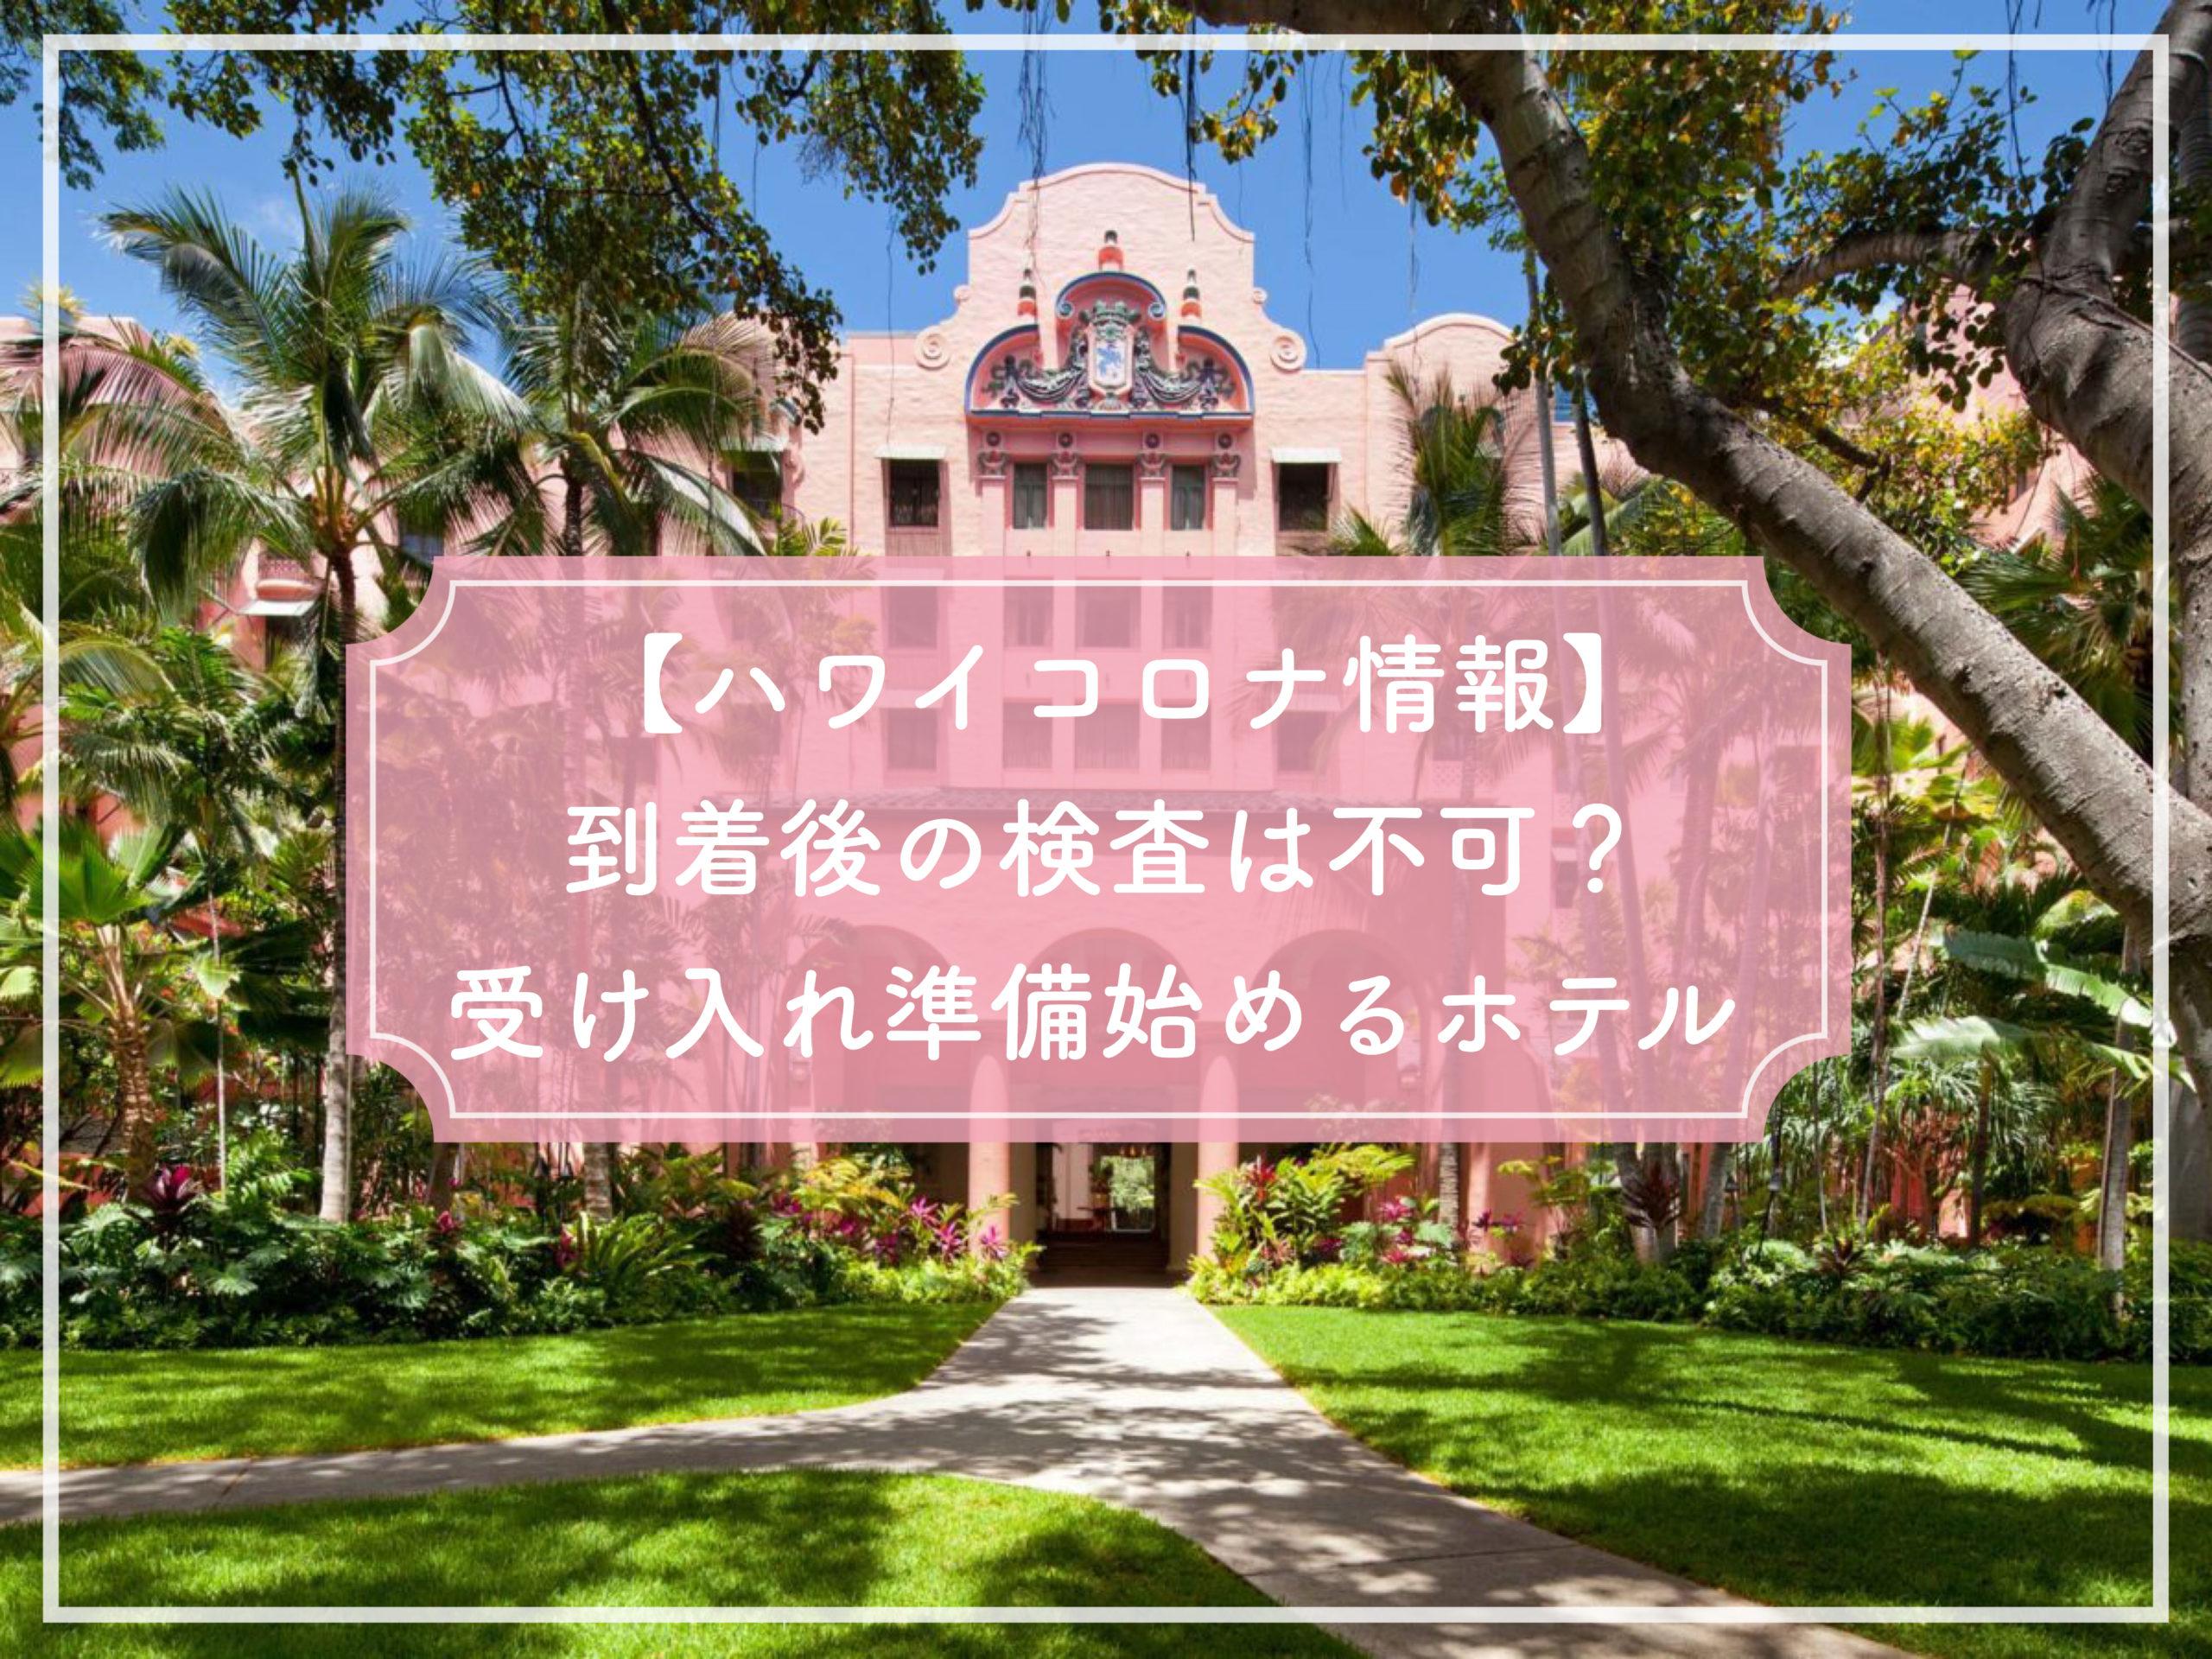 【ハワイコロナ情報】到着後の検査は不可? 受け入れ準備始めるホテル